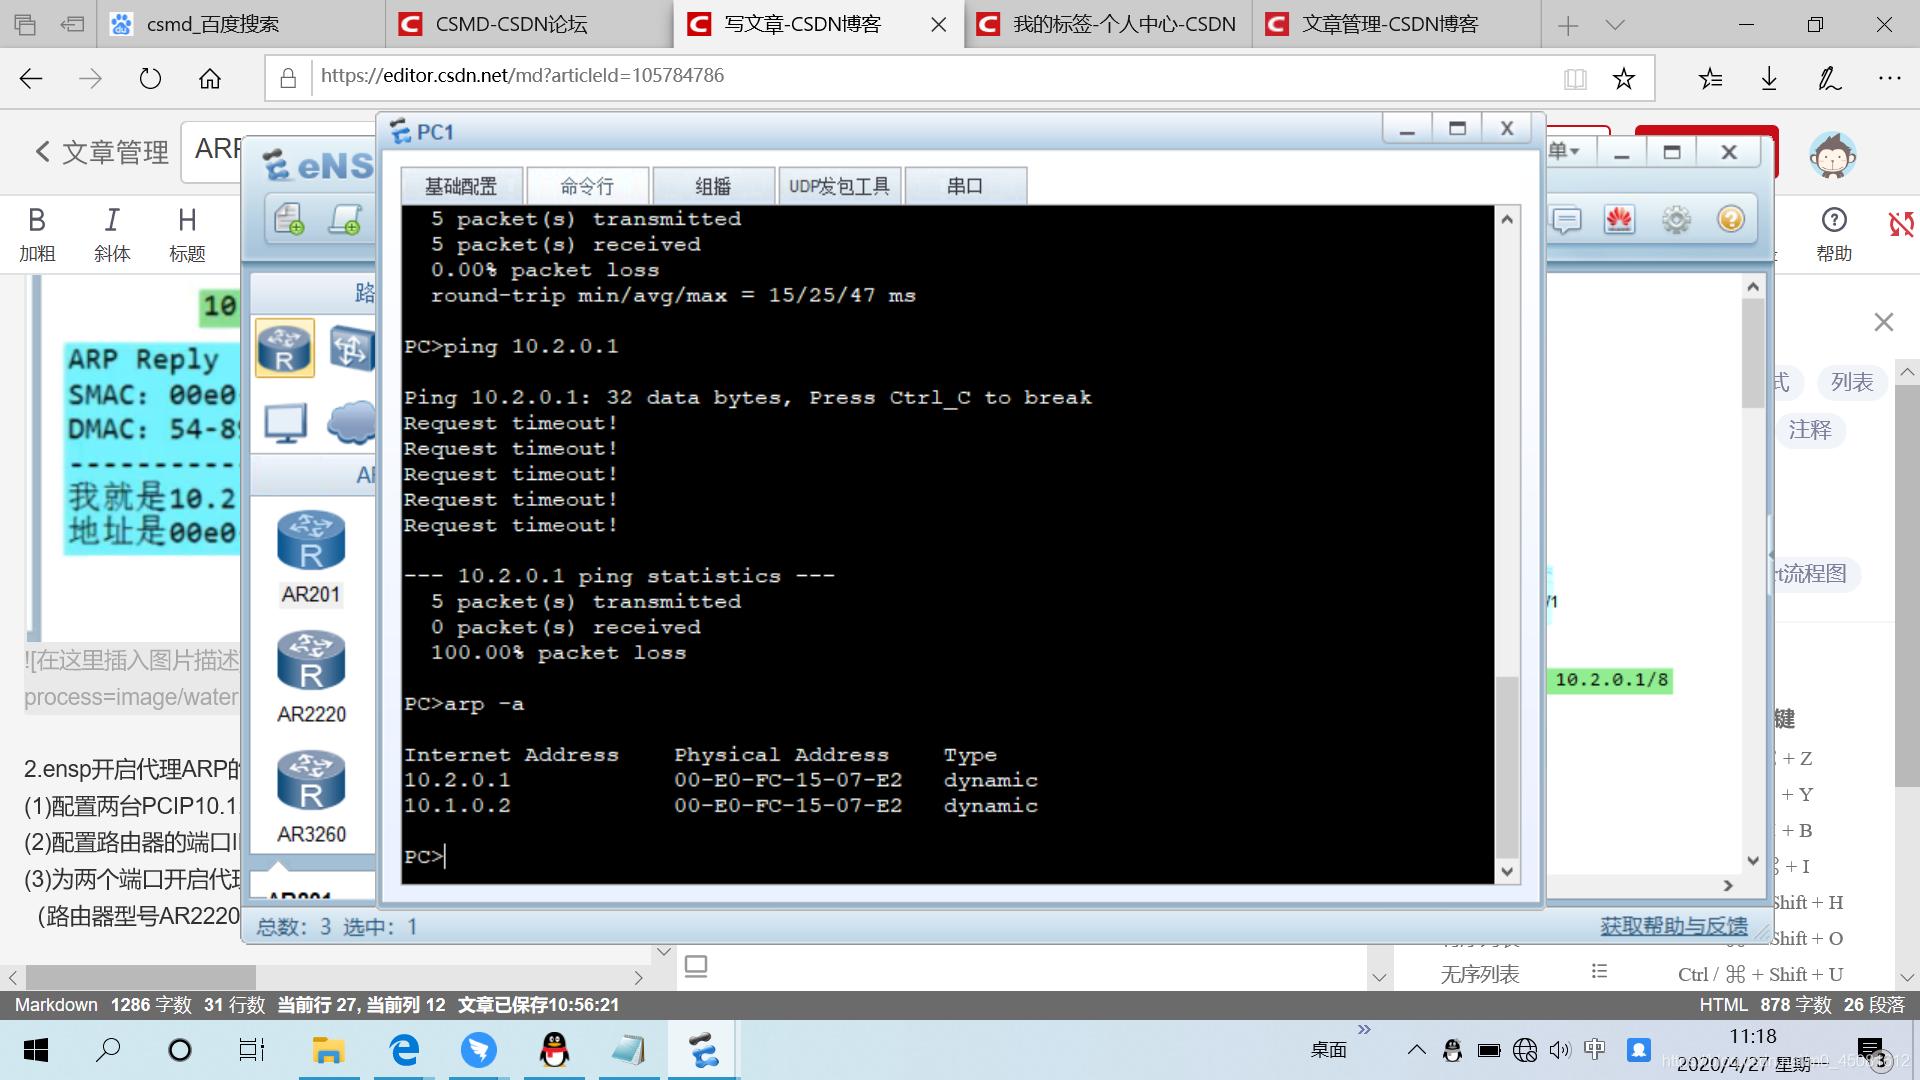 可以看看出10.2.0.1的ARP表项与10.1.0.2的MAC相同描述